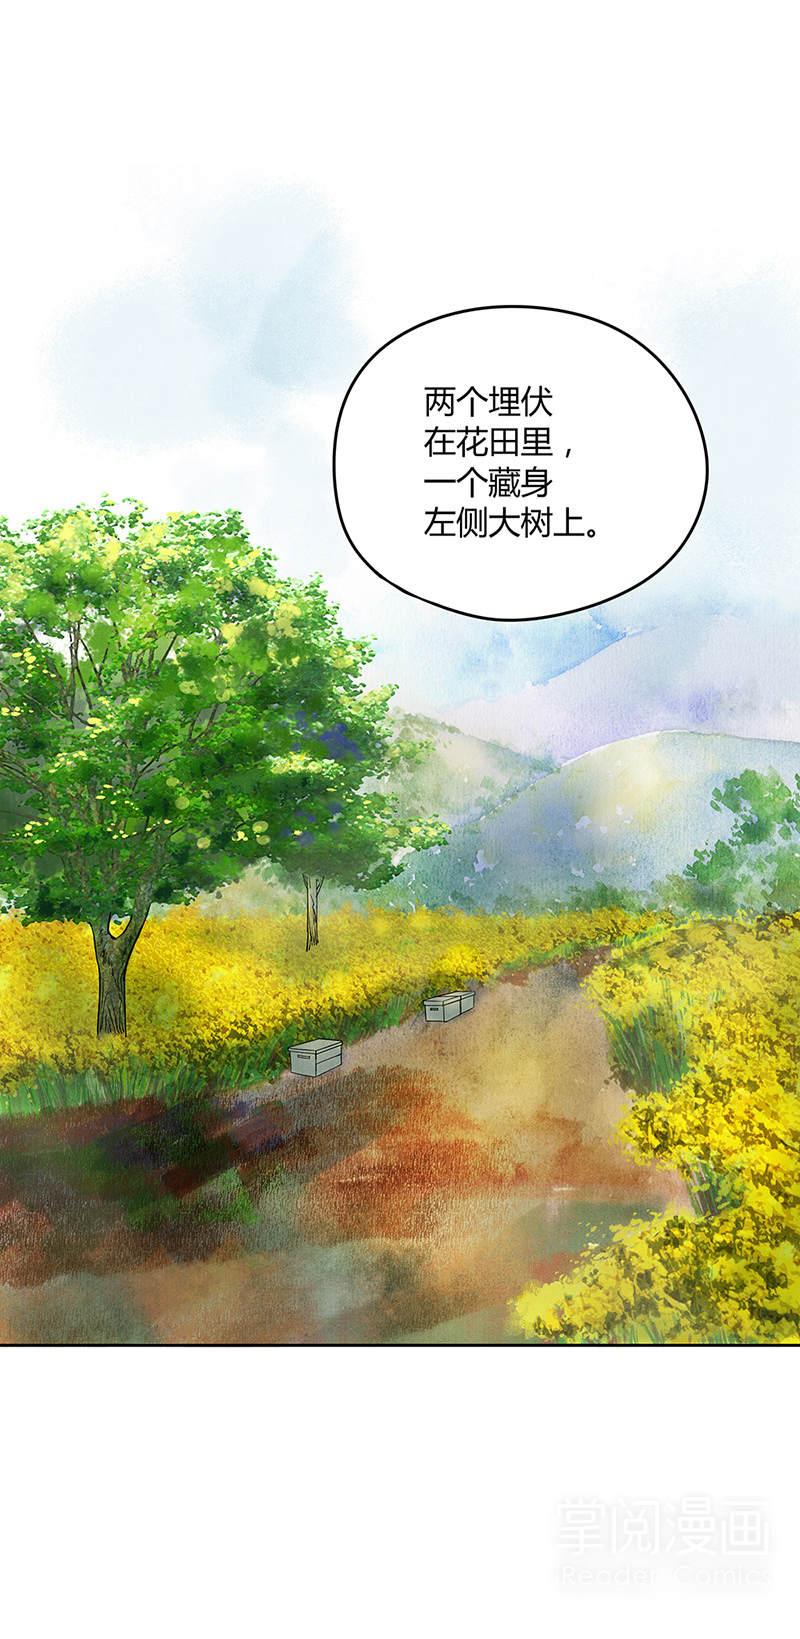 逍遥游第30话  神闲气定刃有余 第 4